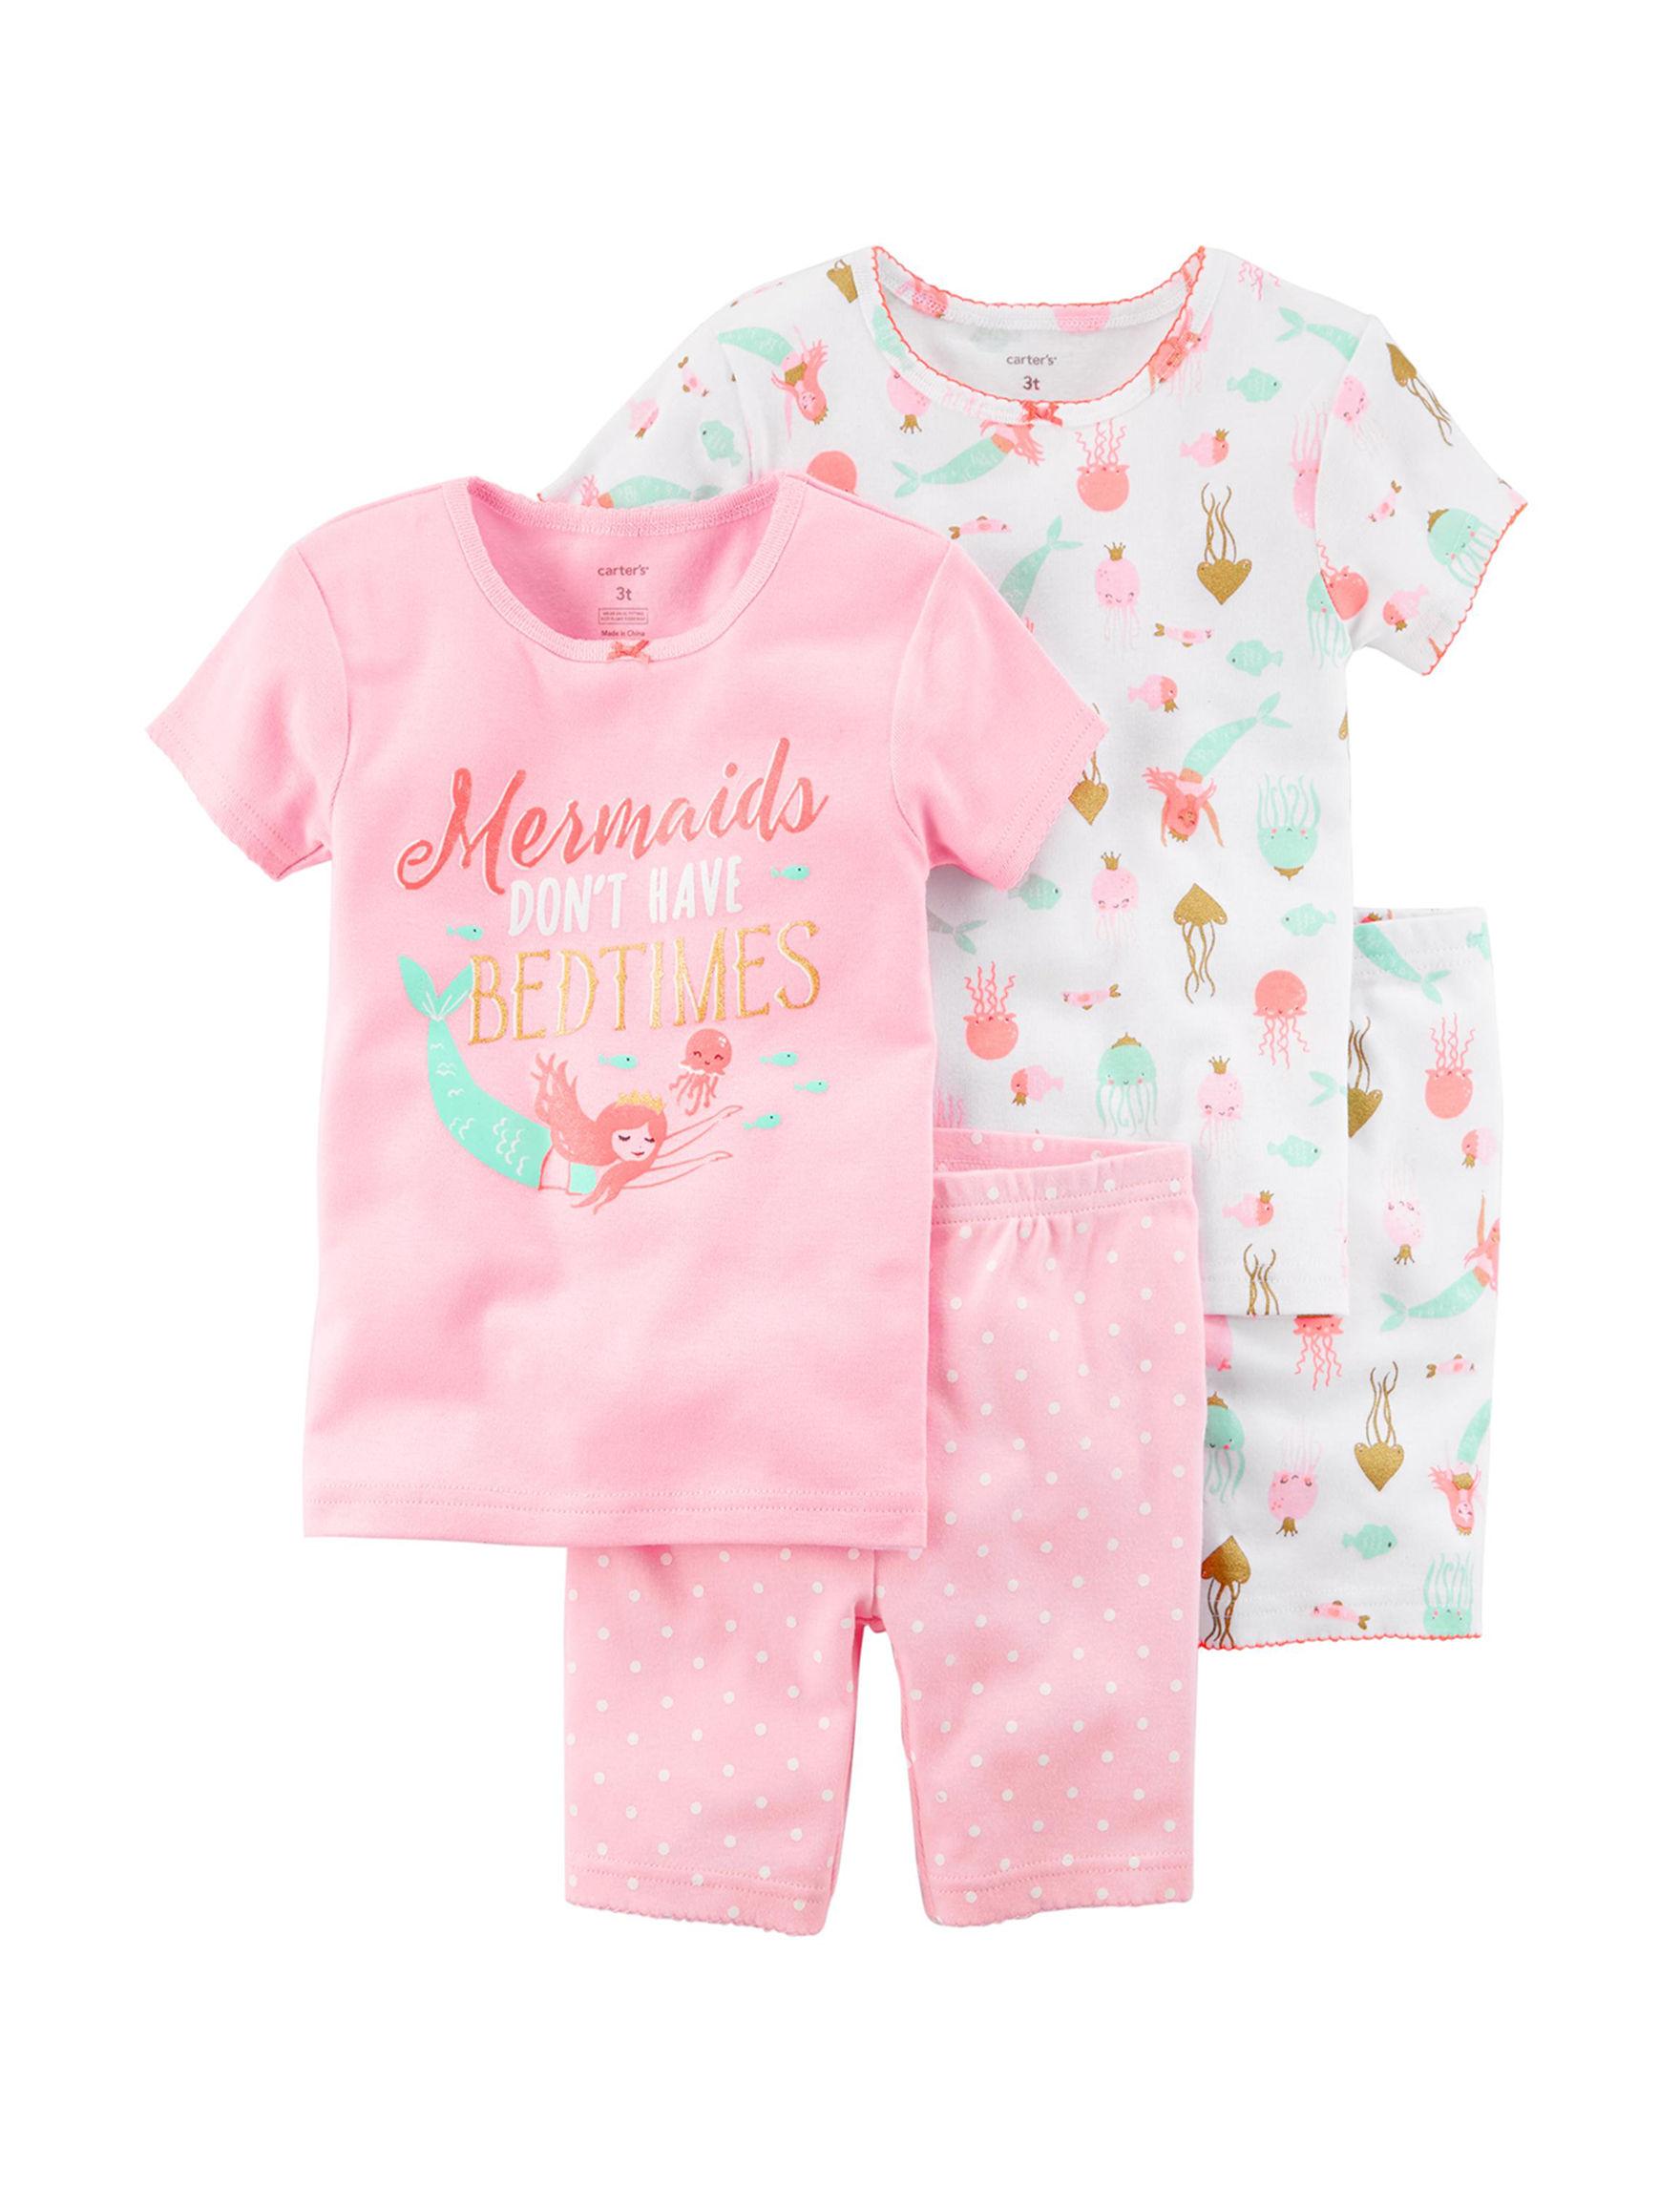 Carter's Pink / White Pajama Sets